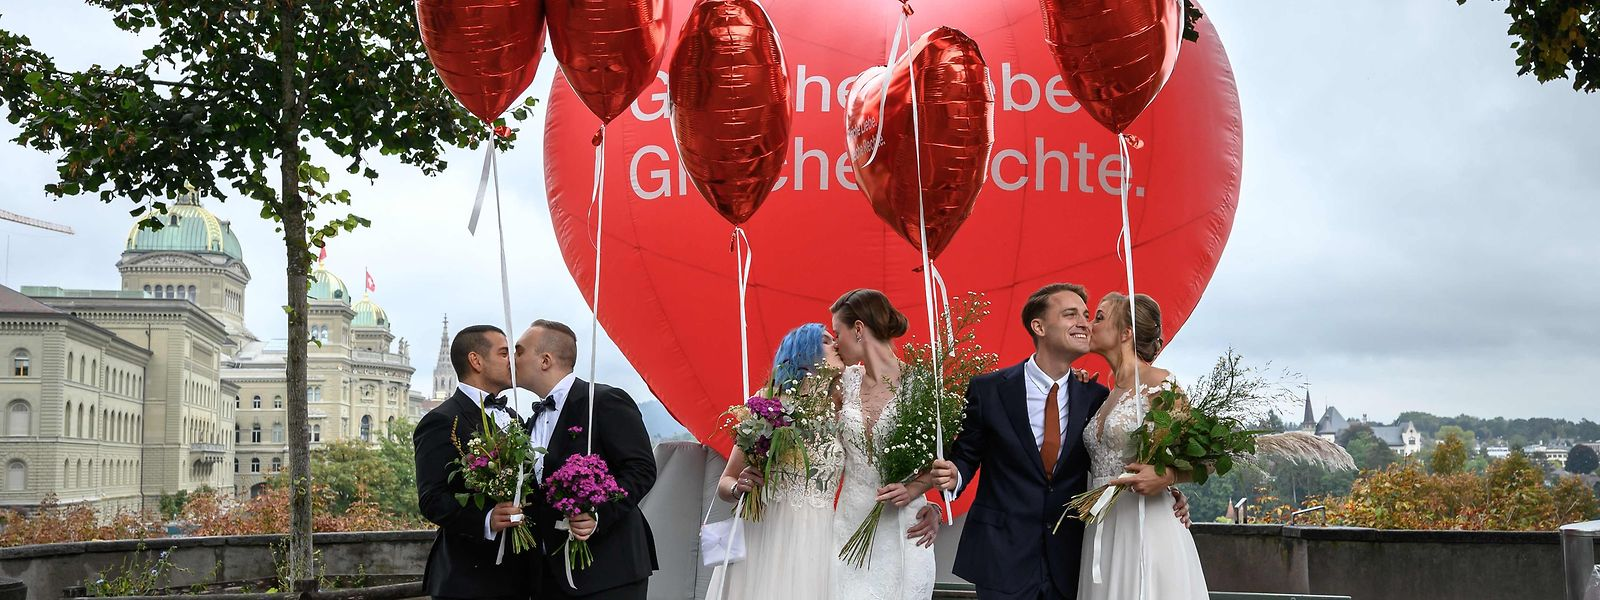 Über 60 Prozent der Schweizer haben sich für die Ehe für alle ausgesprochen. Nun kann das Gesetz in Kraft treten.